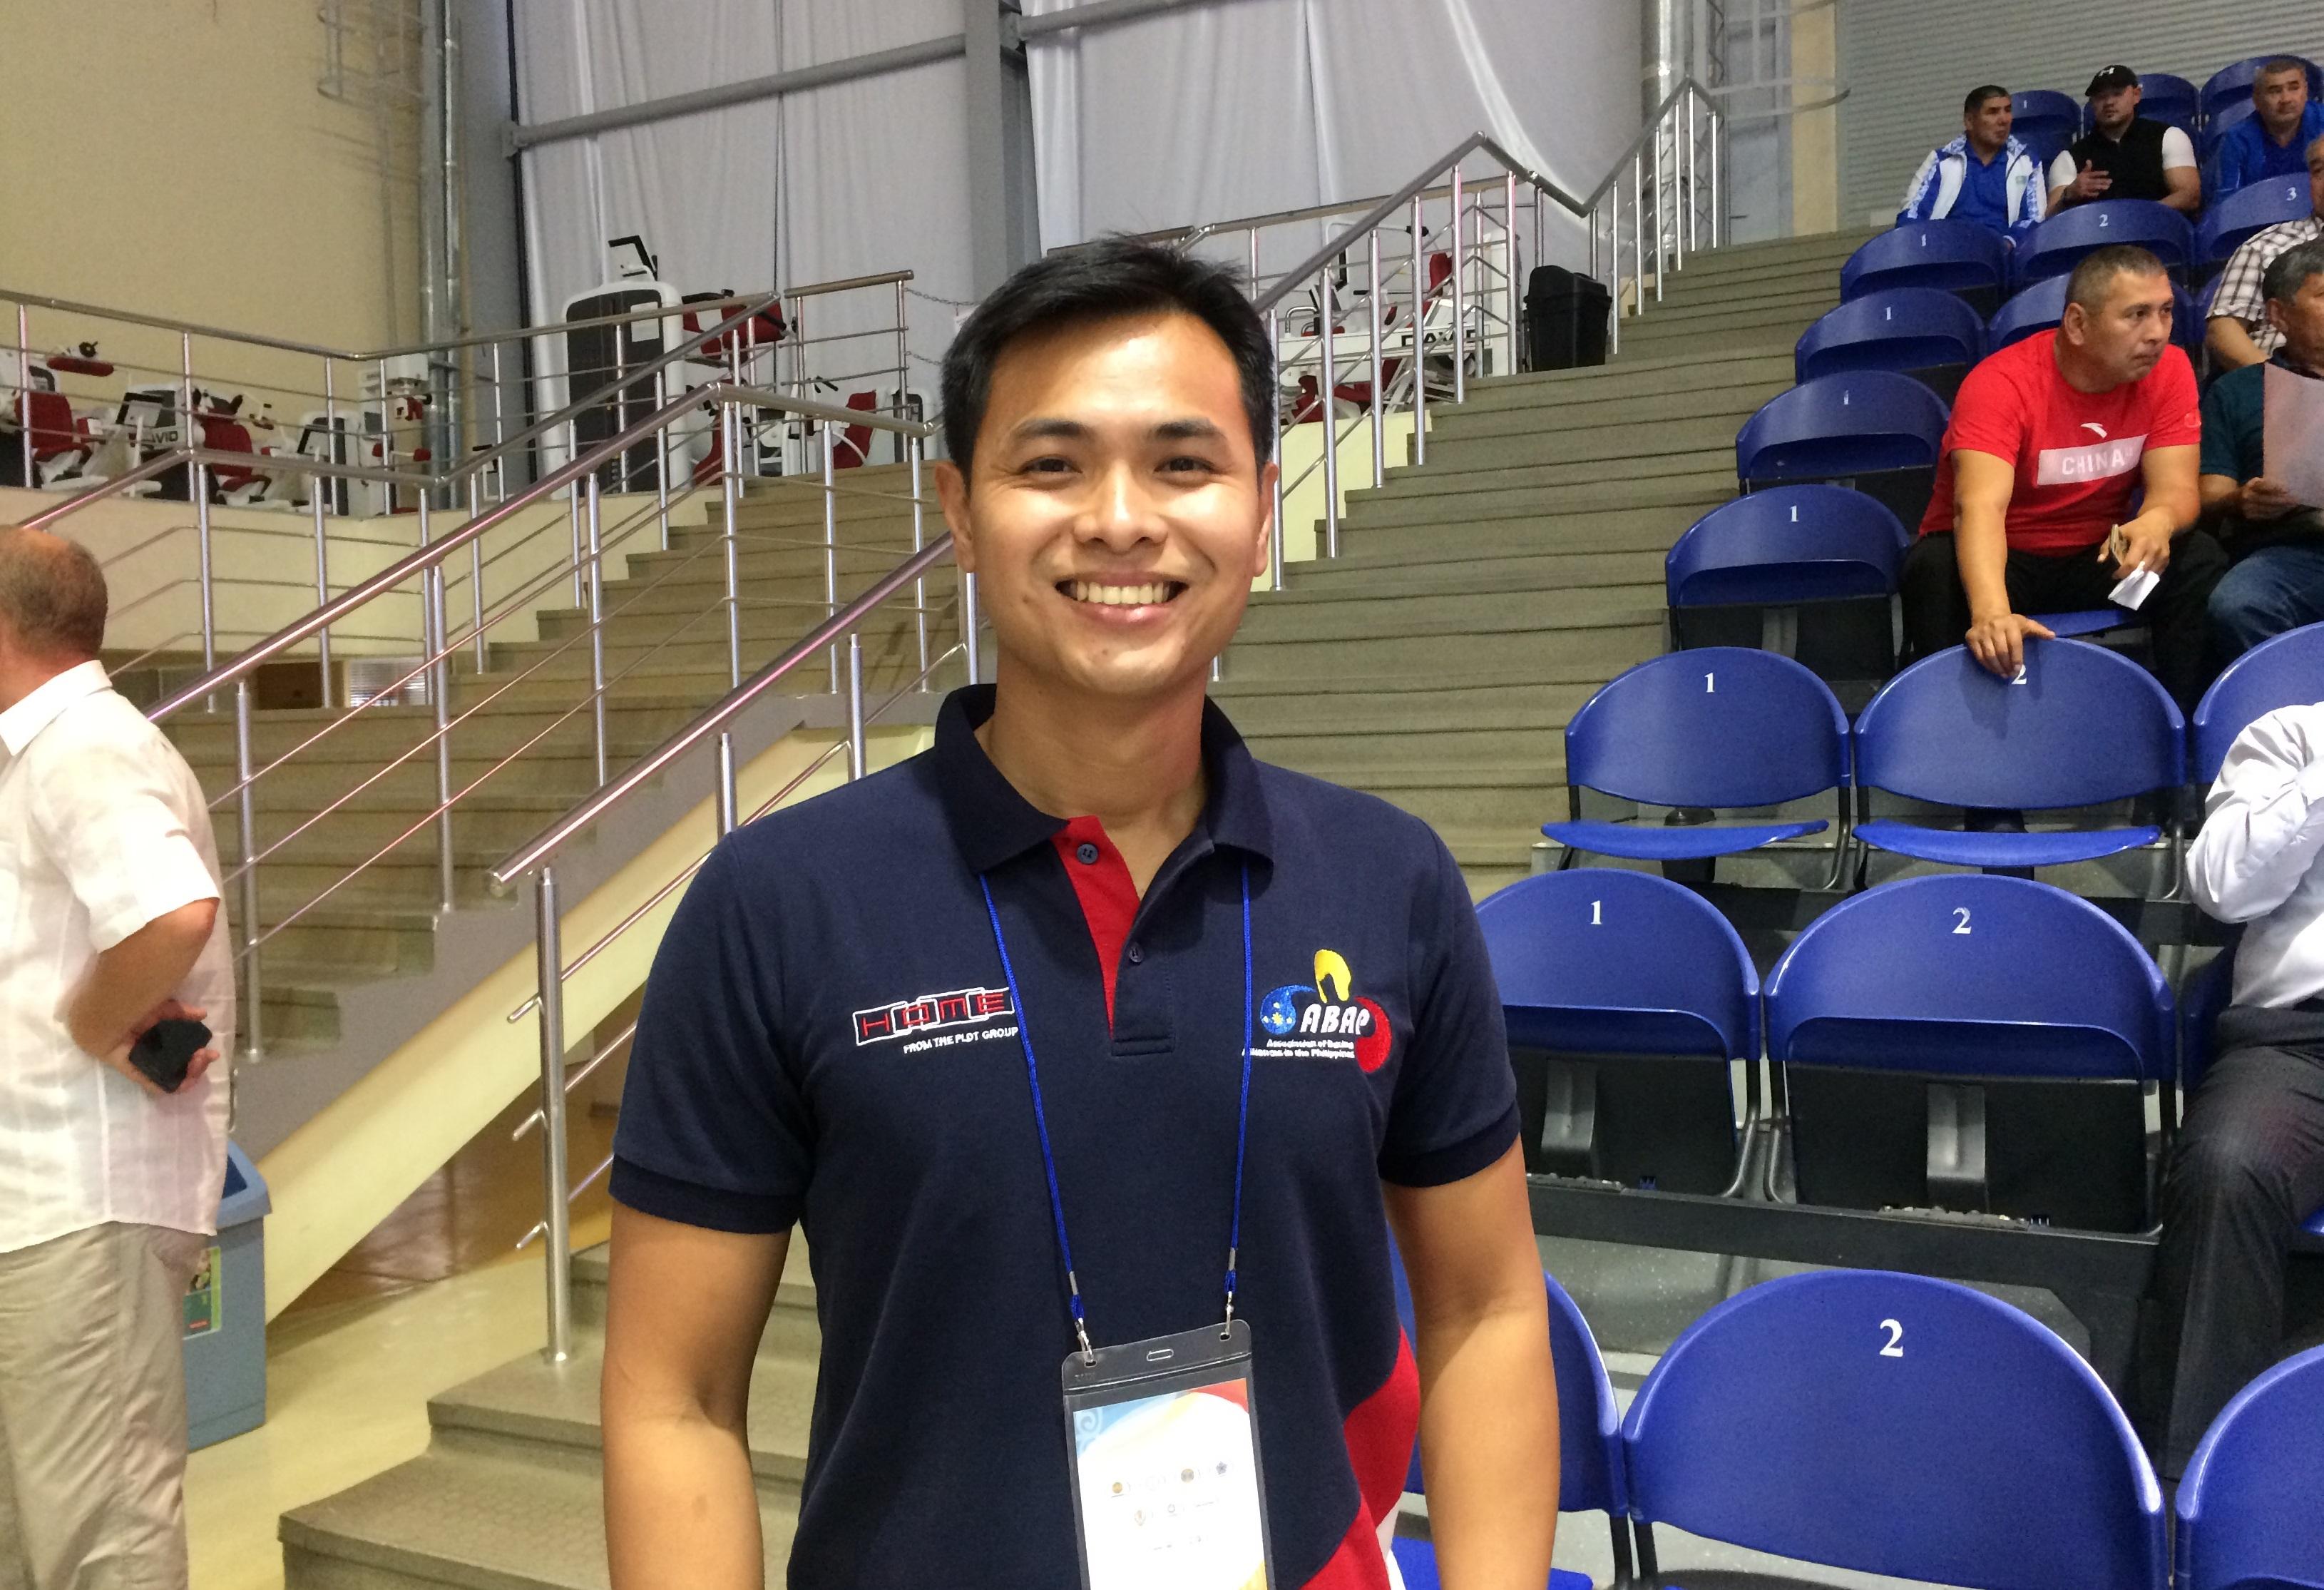 Психолог сборной Филиппин: «Лучшее в Астане - люди»